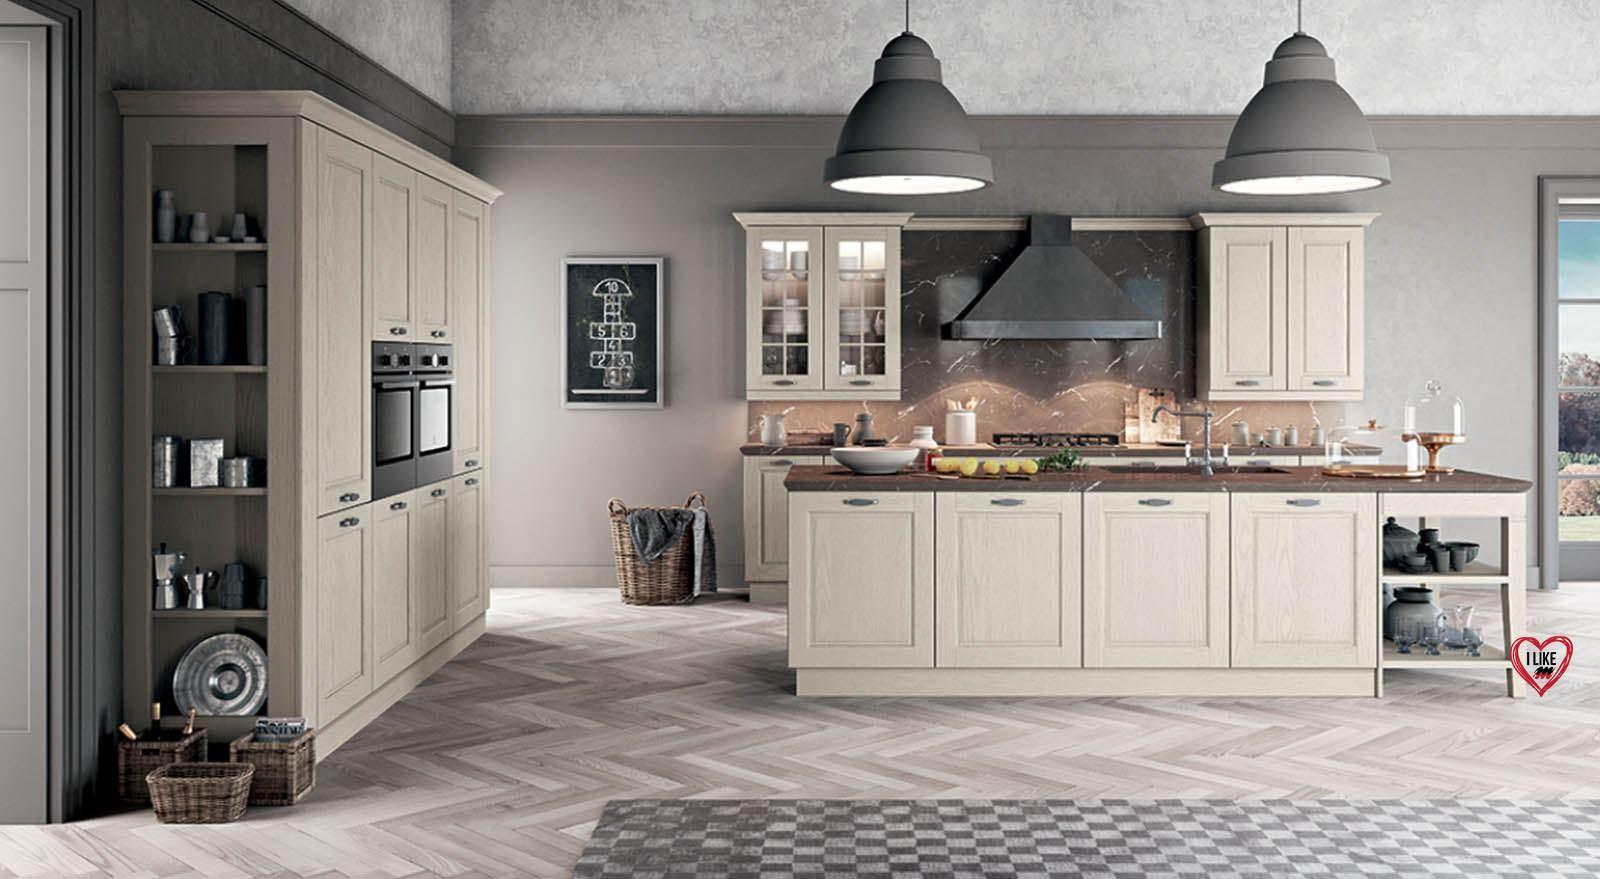 Cucine Classiche In Offerta Of Vendita Di Cucine Classiche A Padova Cucine Eleganti E In Muratura In Offerta